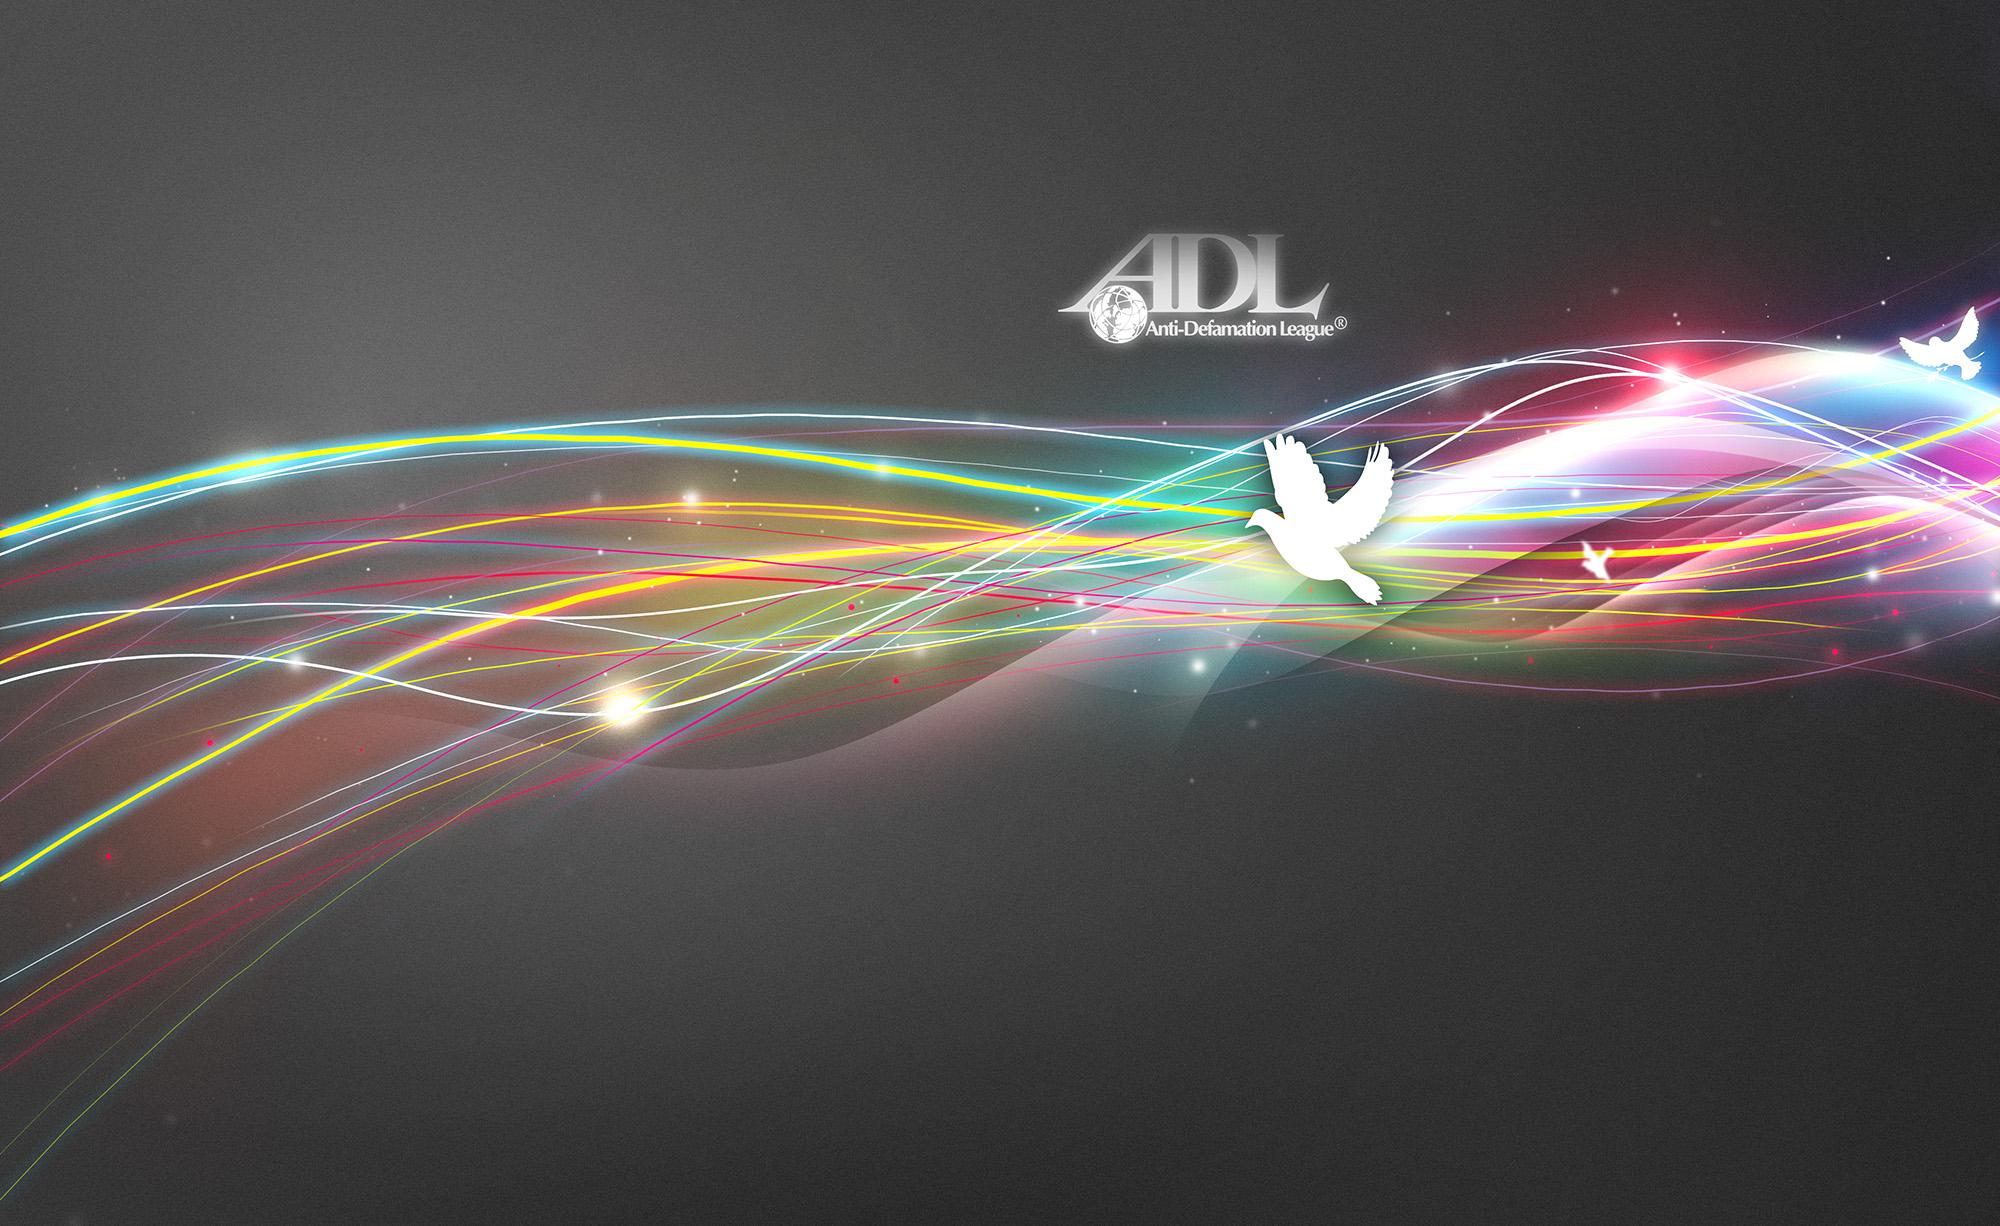 2007 / ADL Annual Report